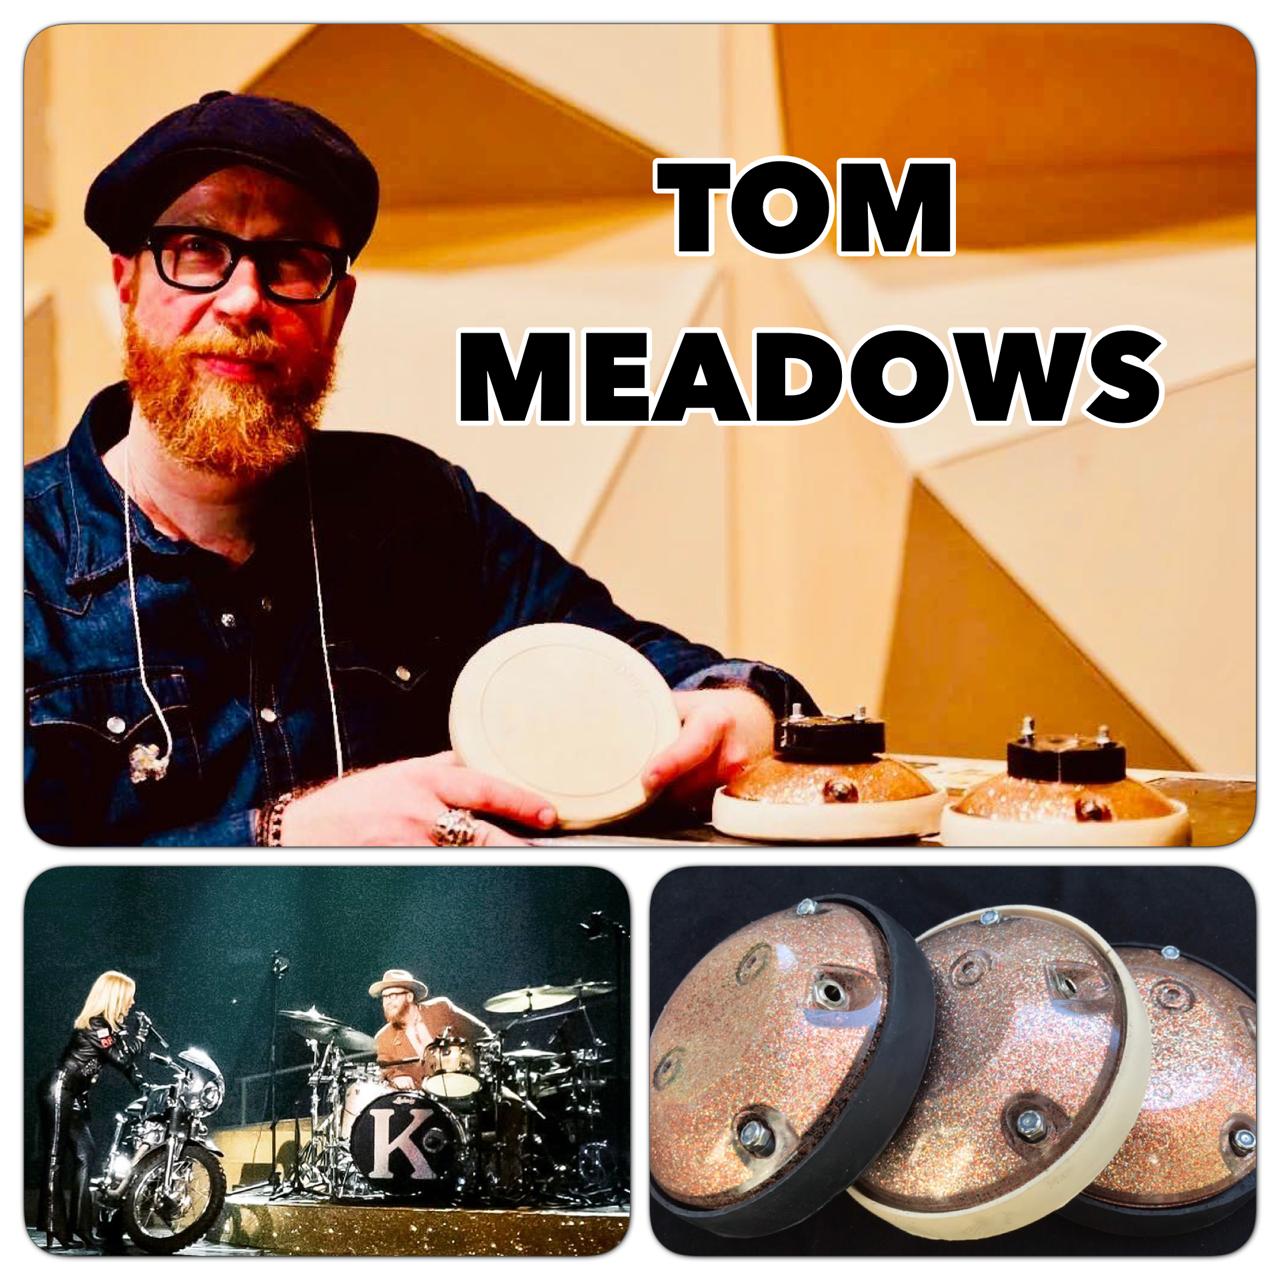 TOM MEADOWS